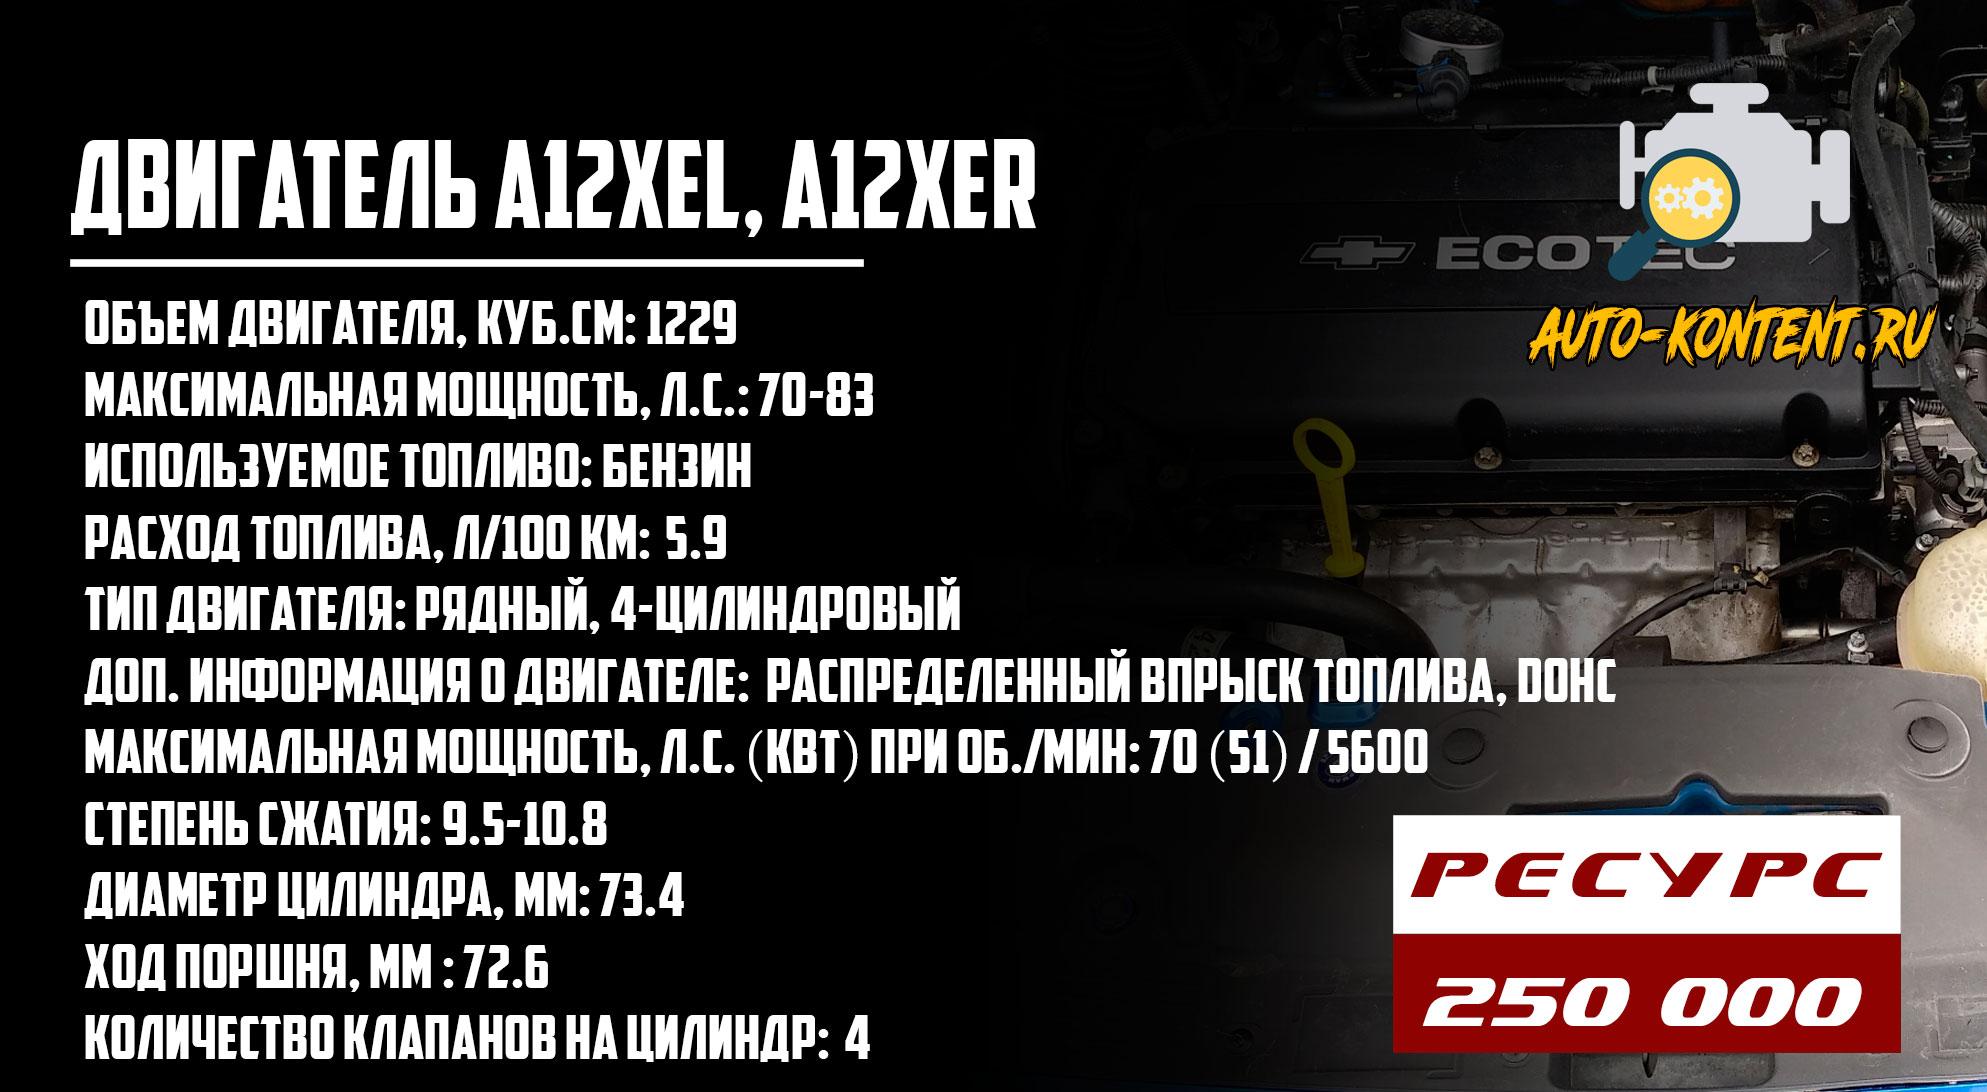 A12XEL, A12XER